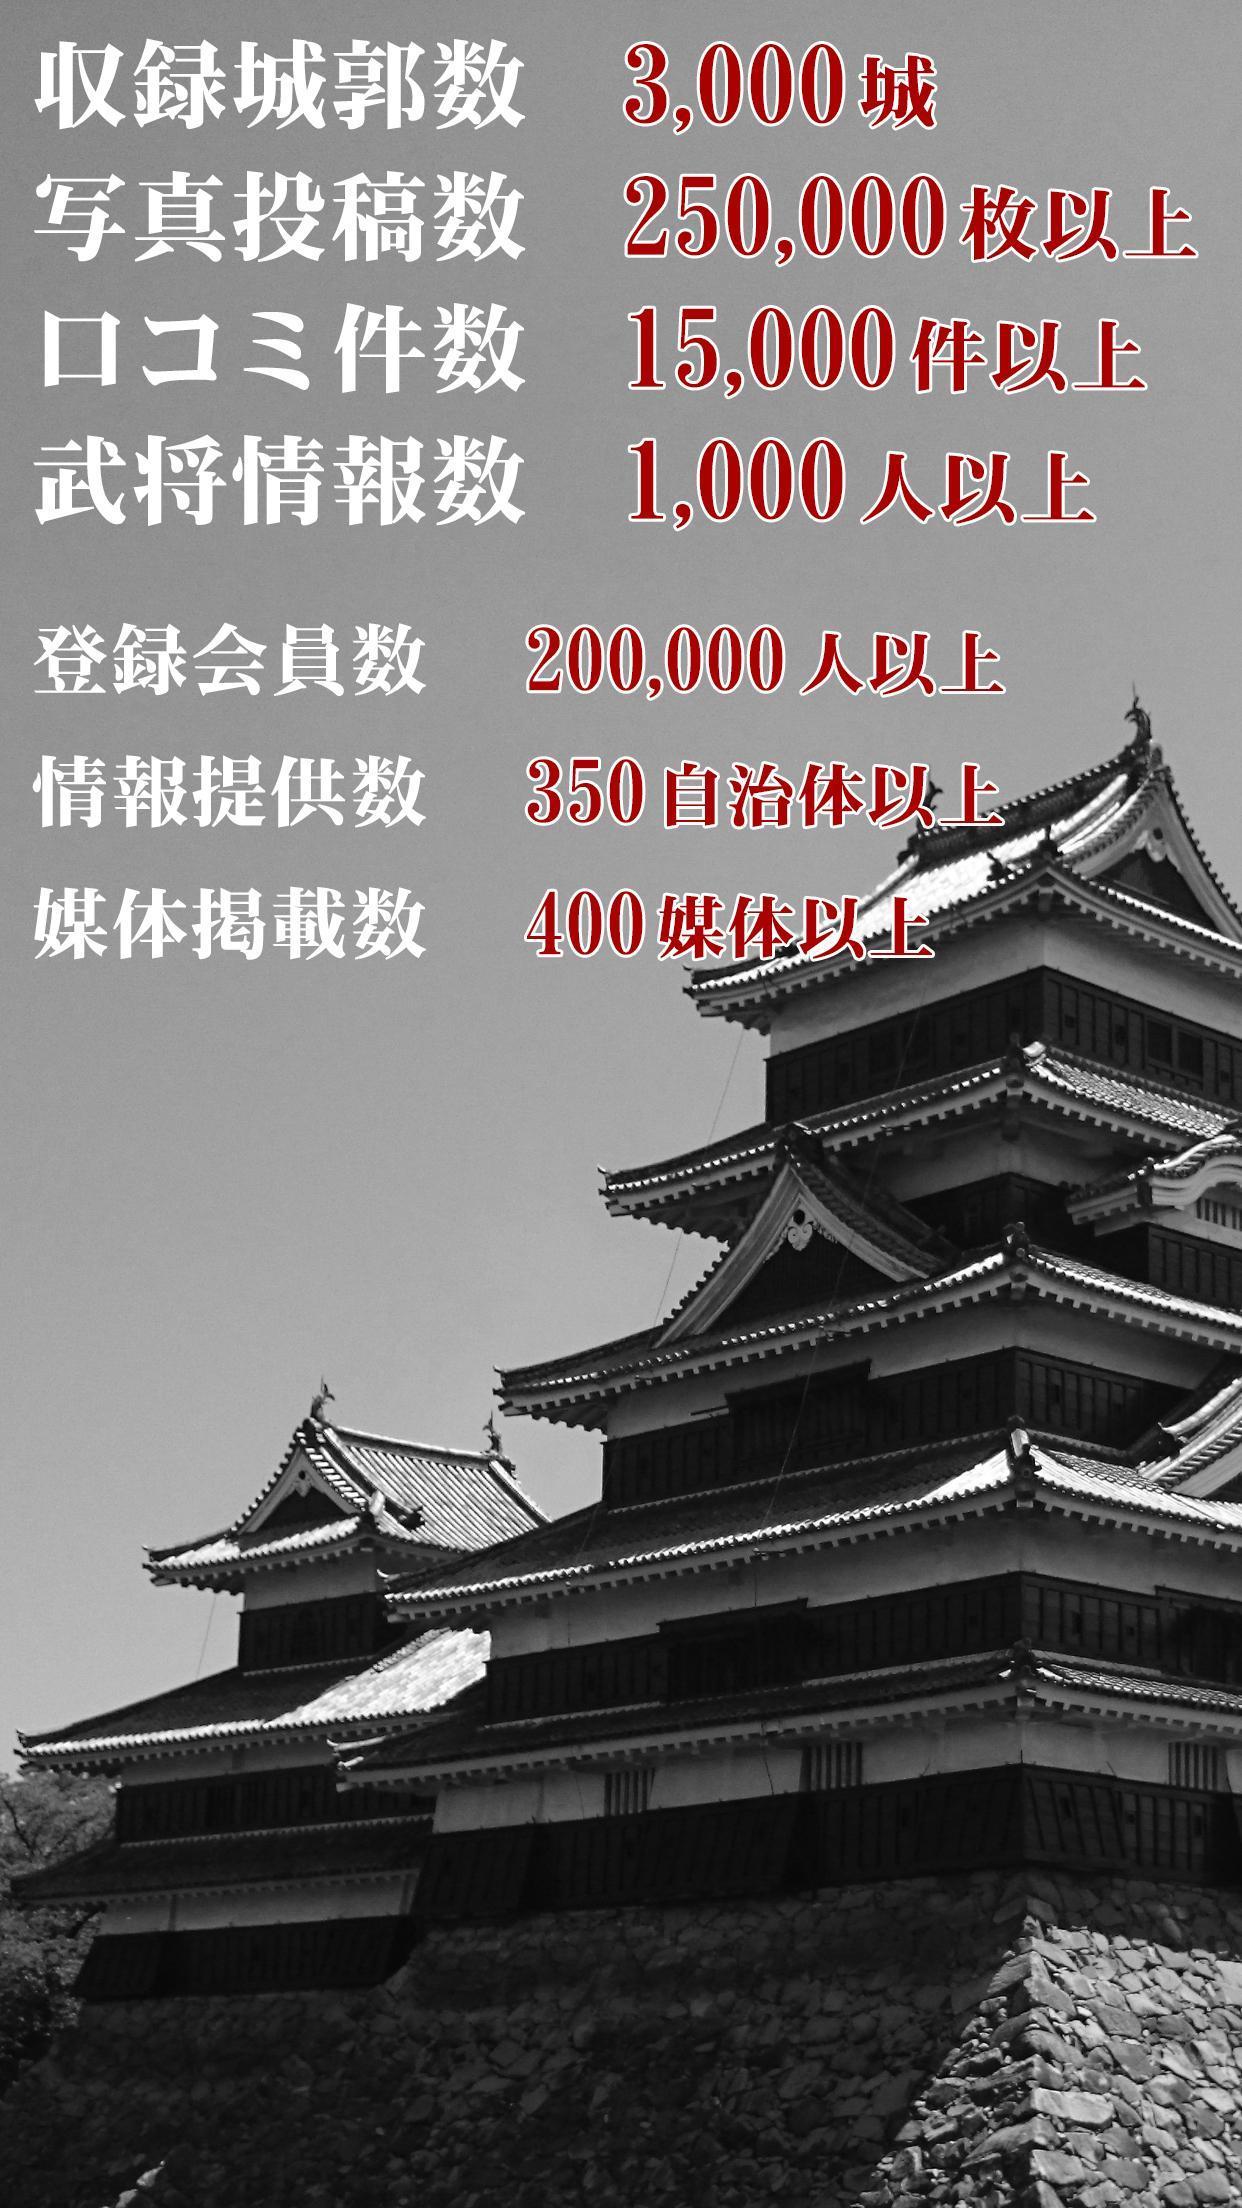 ニッポン城めぐり(無料スタンプラリー・戦国位置ゲーム) 4.6.1 Screenshot 6